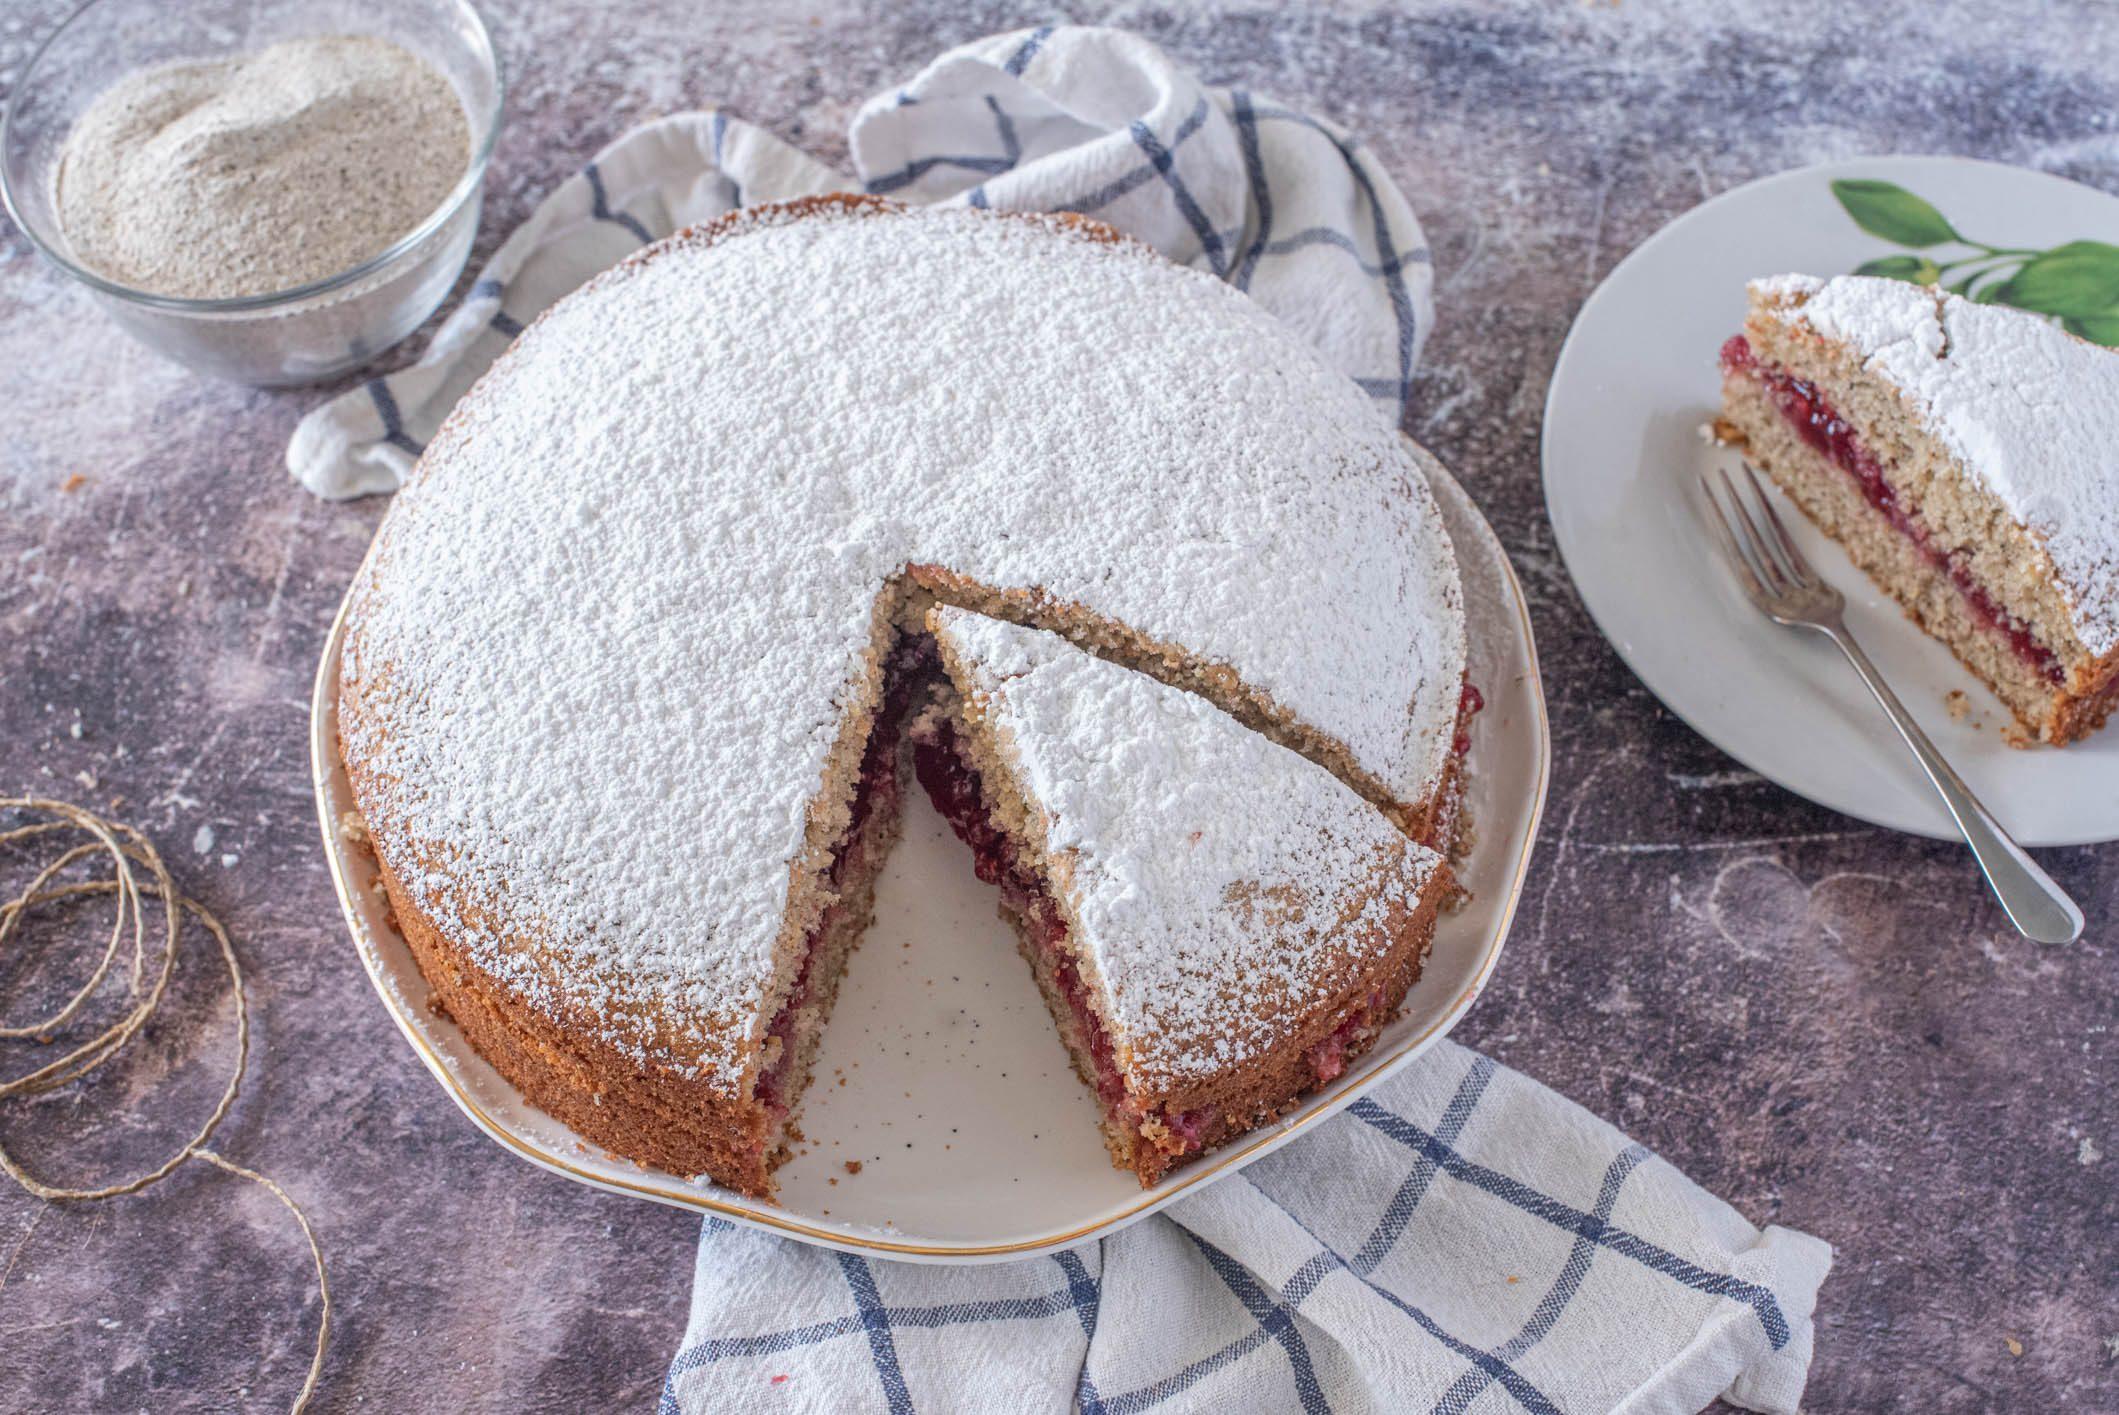 Torta di grano saraceno: la ricetta del dolce semplice e dal sapore rustico